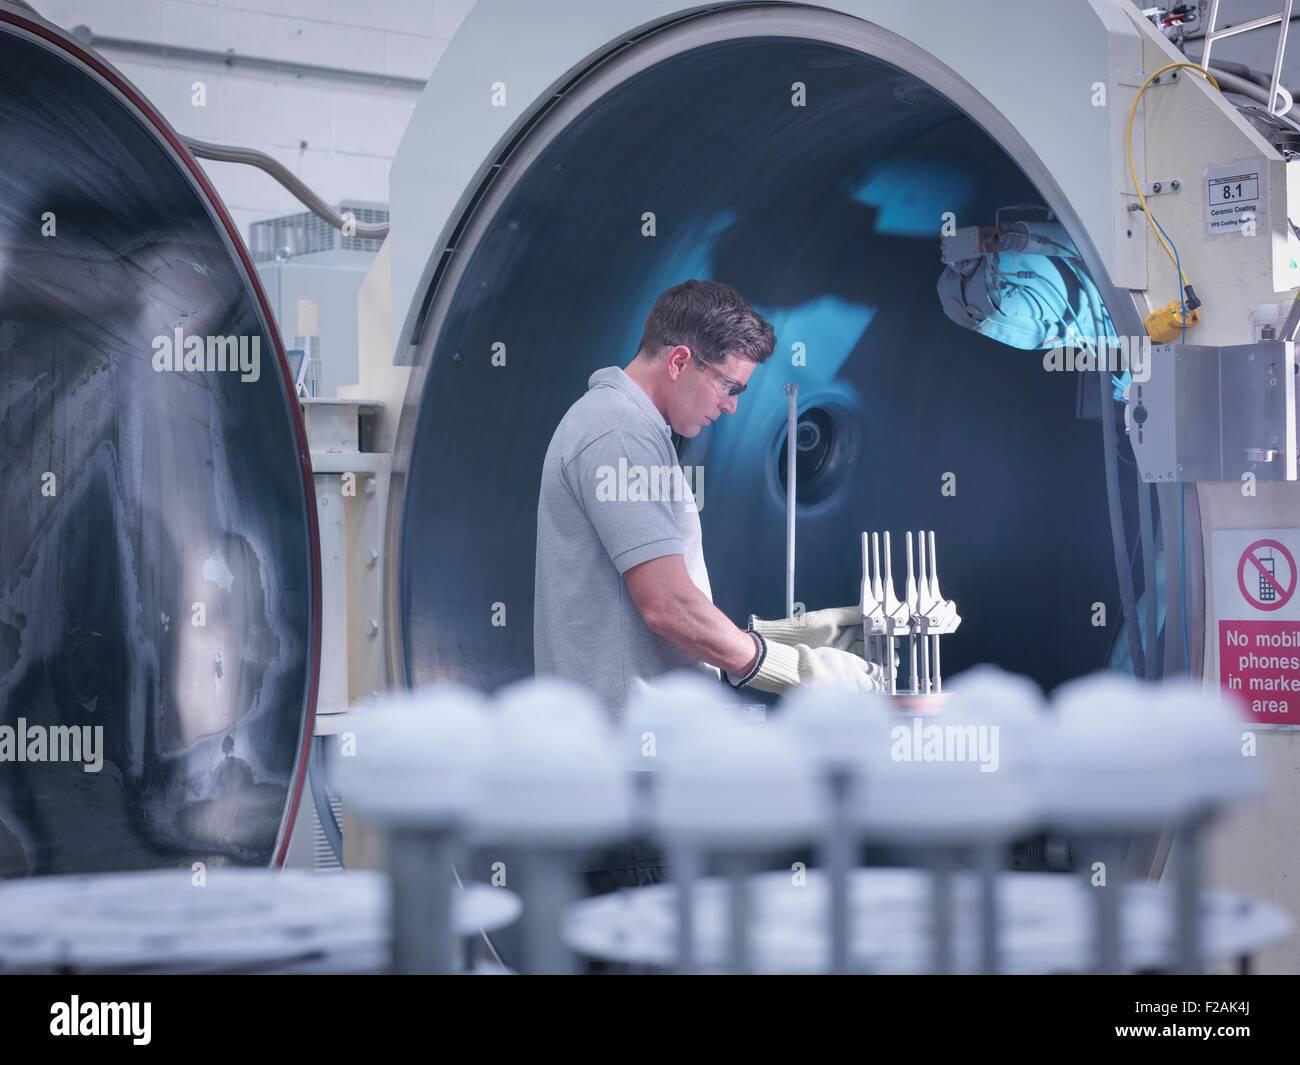 Ingénieur avec revêtement céramique, le revêtement de la machine dans les articulations de la hanche artificielle Banque D'Images